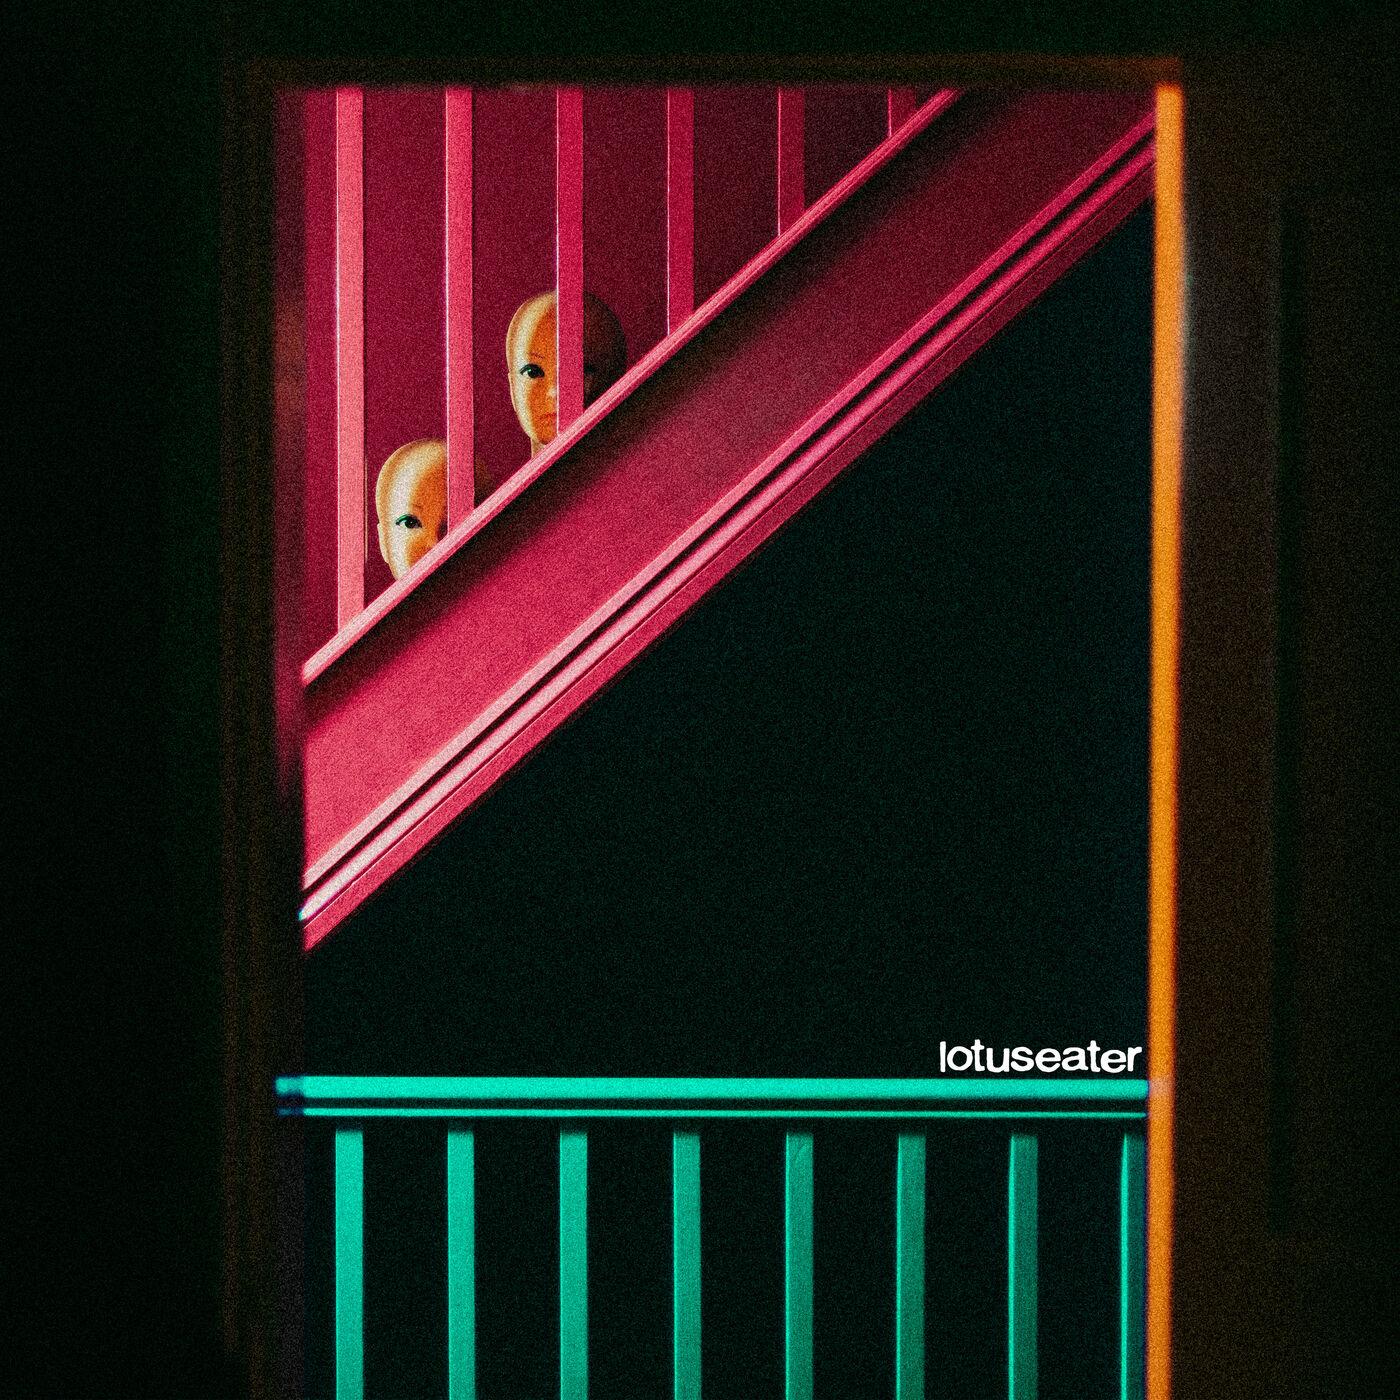 Lotus Eater - Narco [single] (2020)